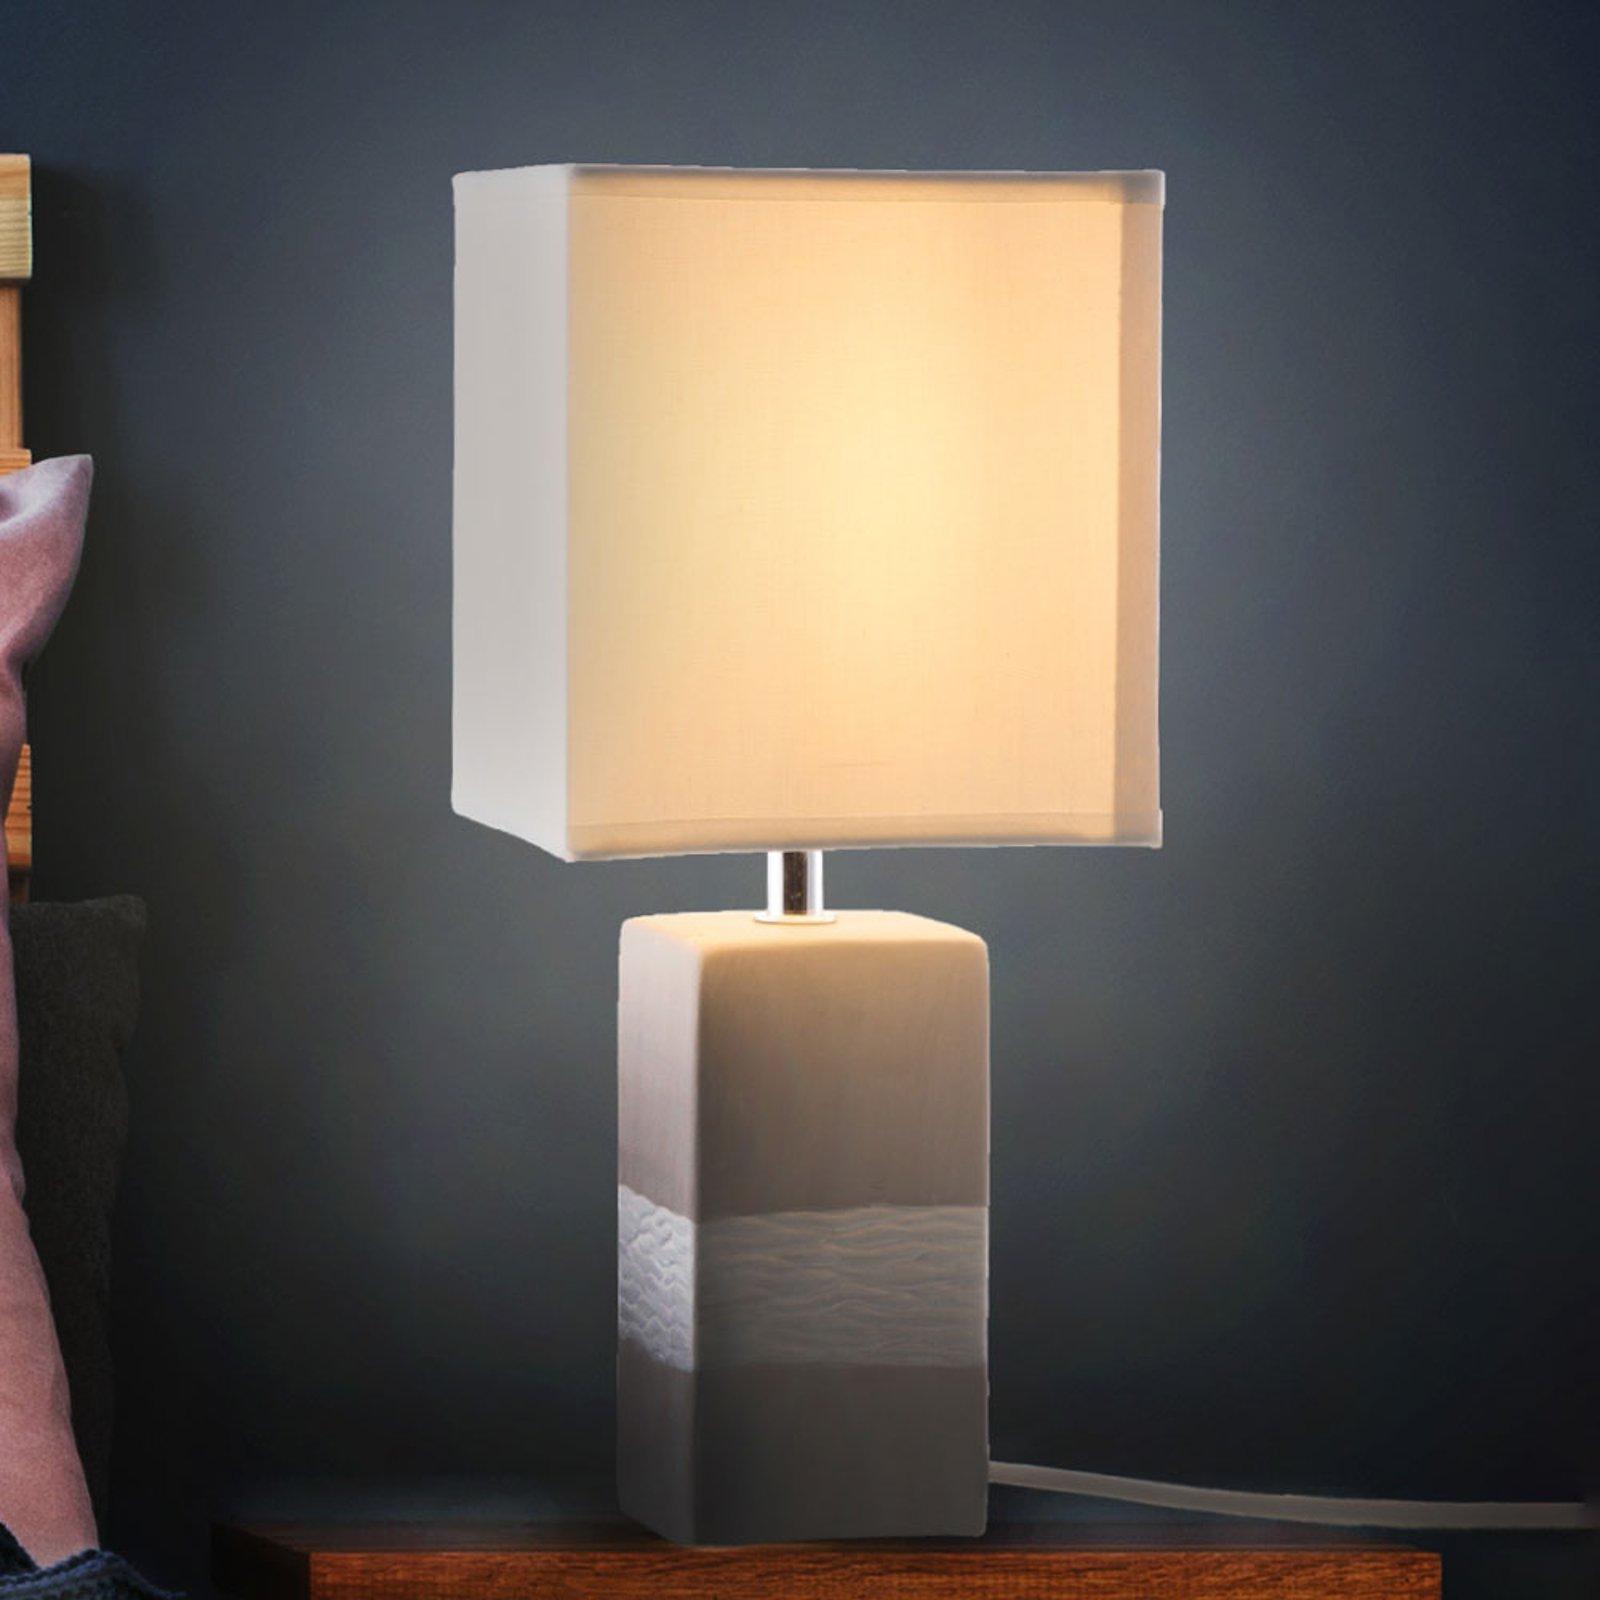 Bordlampe Creto med kantet skjerm og fot